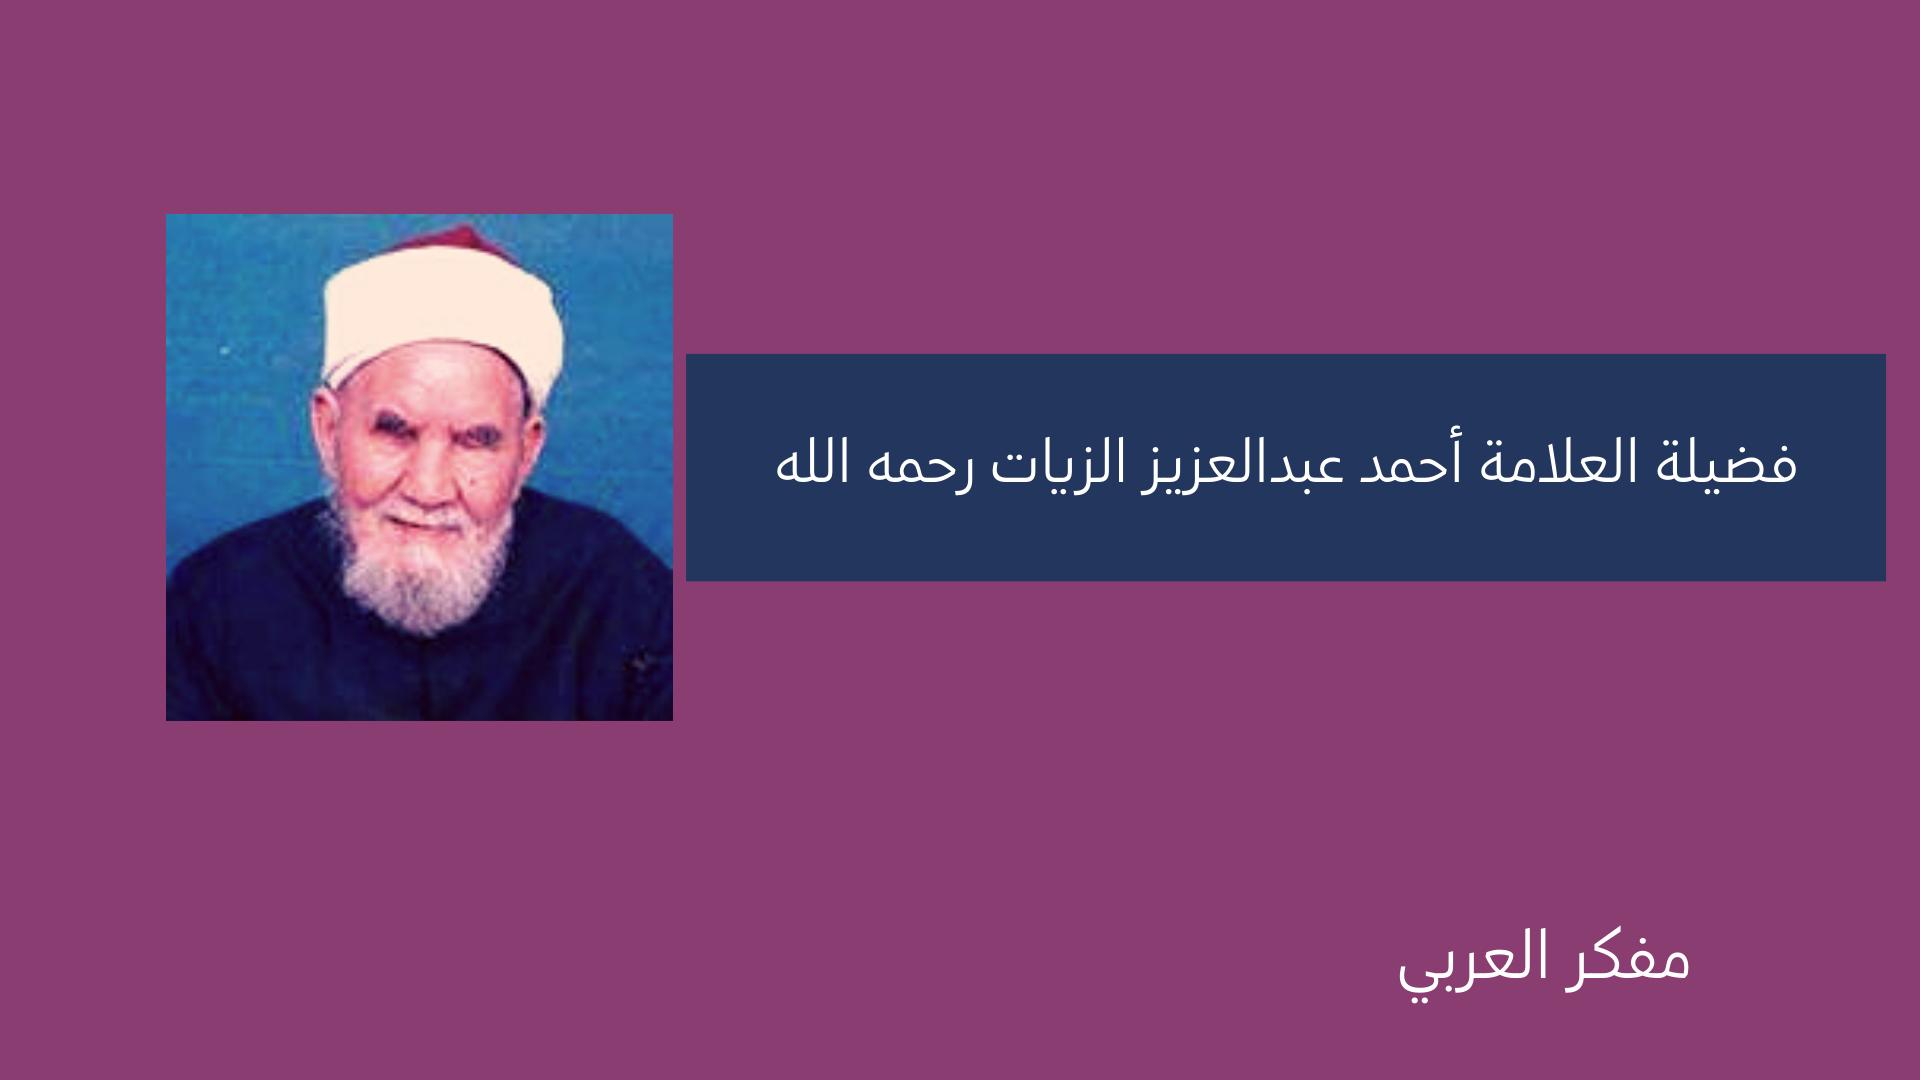 الشيخ أحمد عبد العزيز الزيات